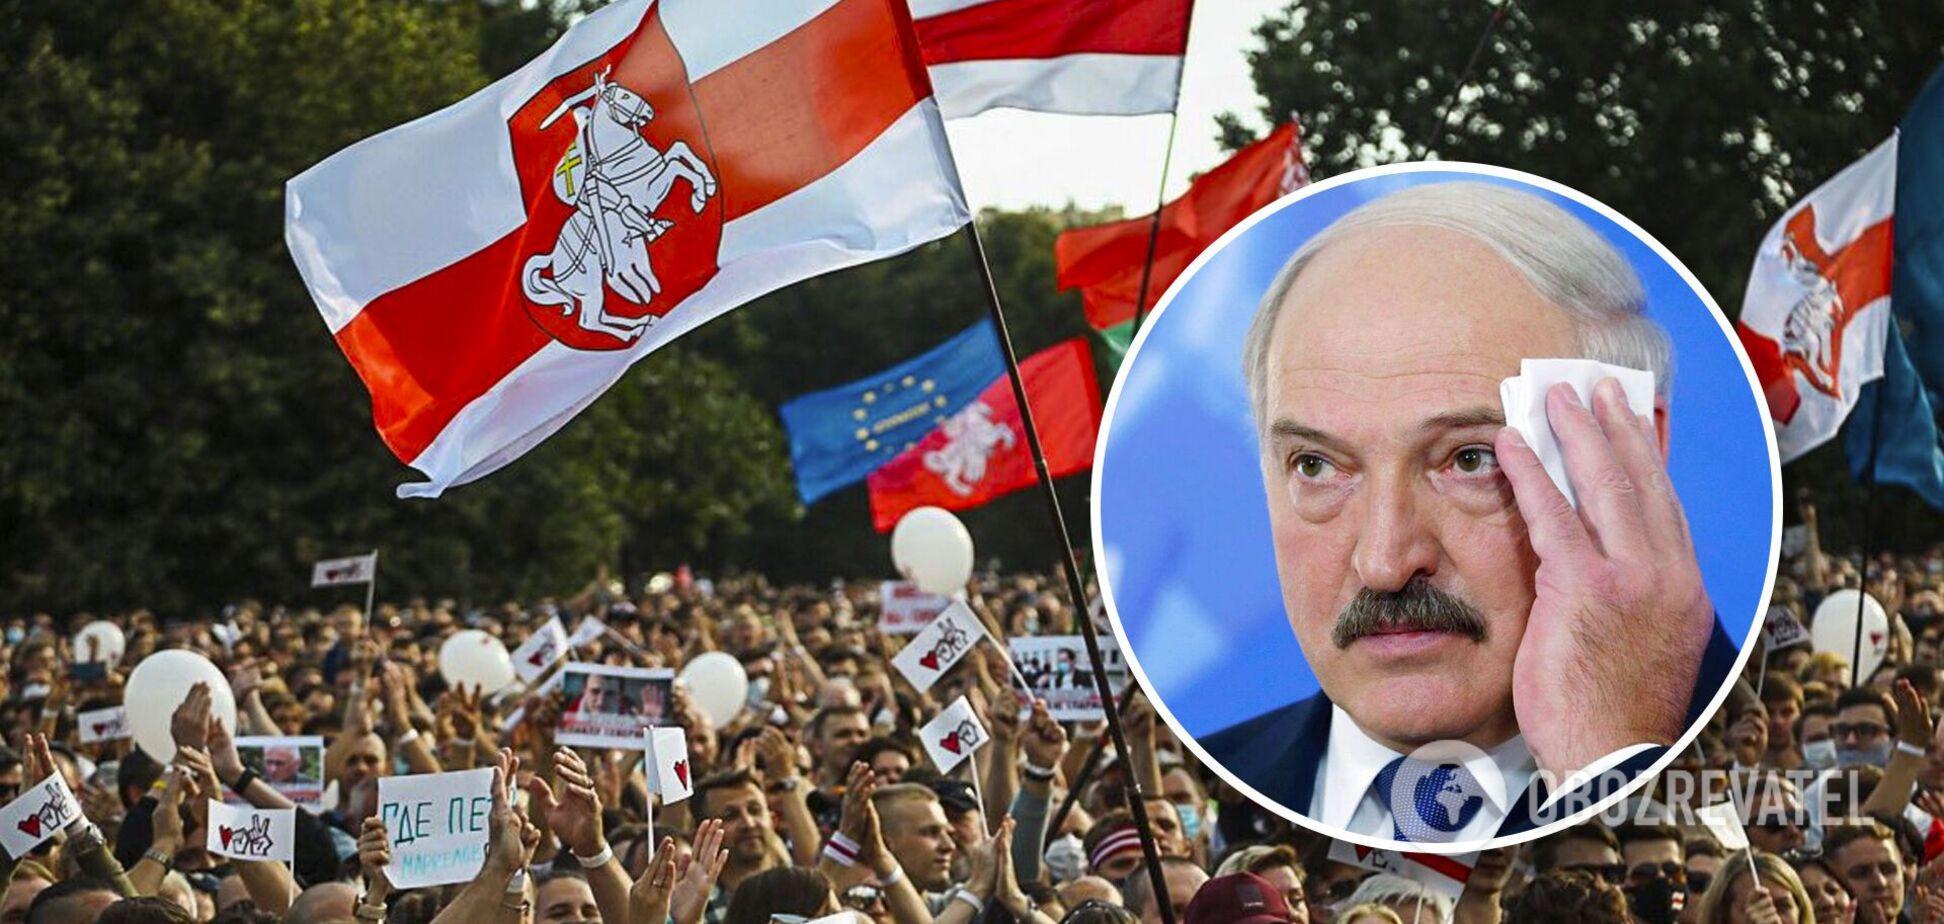 Лебедько: Україна потрапила до чорного списку Лукашенка, він програє по всіх фронтах